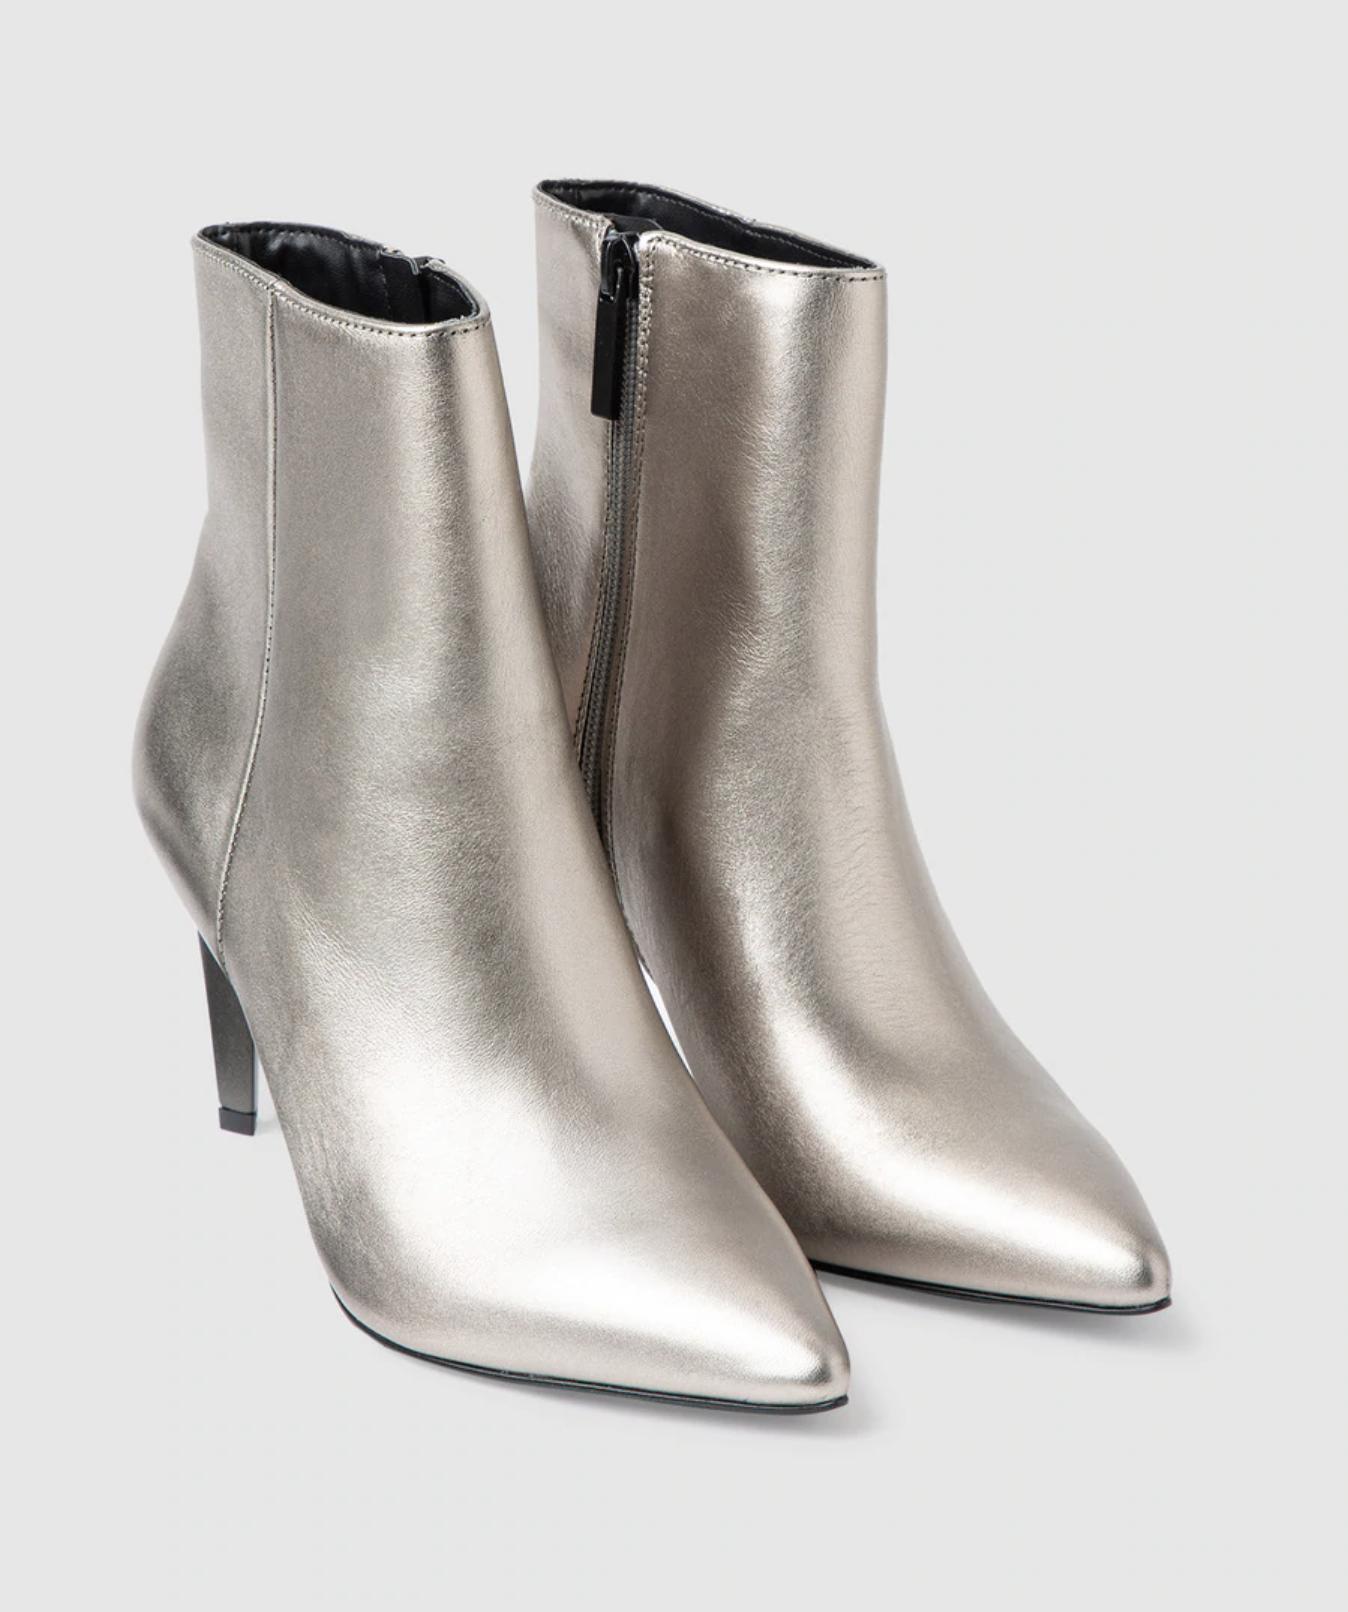 Botines de mujer Kendall + Kyllie de piel metalizada en color plata